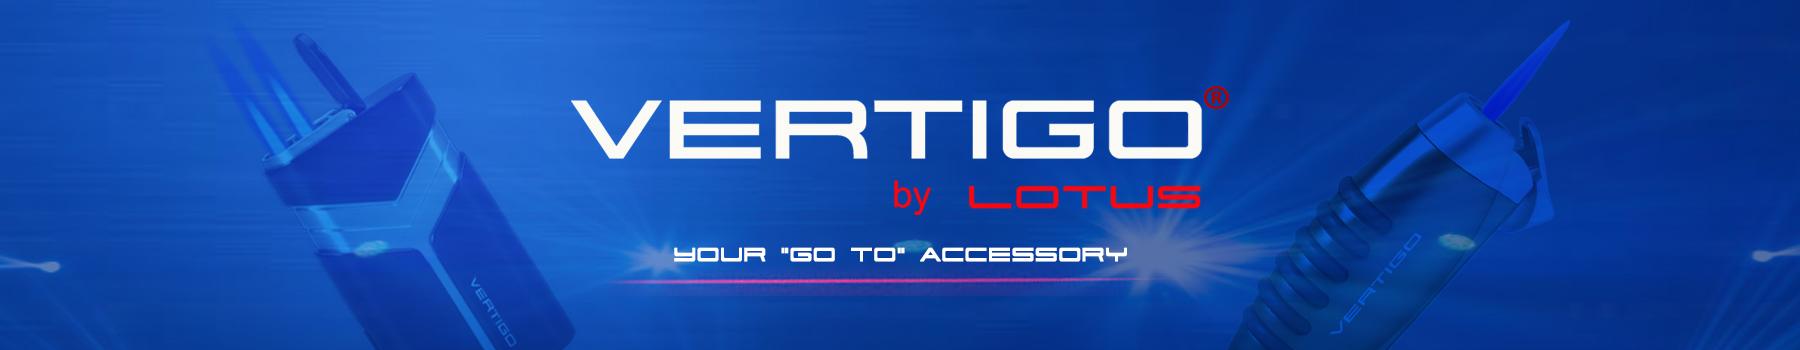 Vertigo Banner2